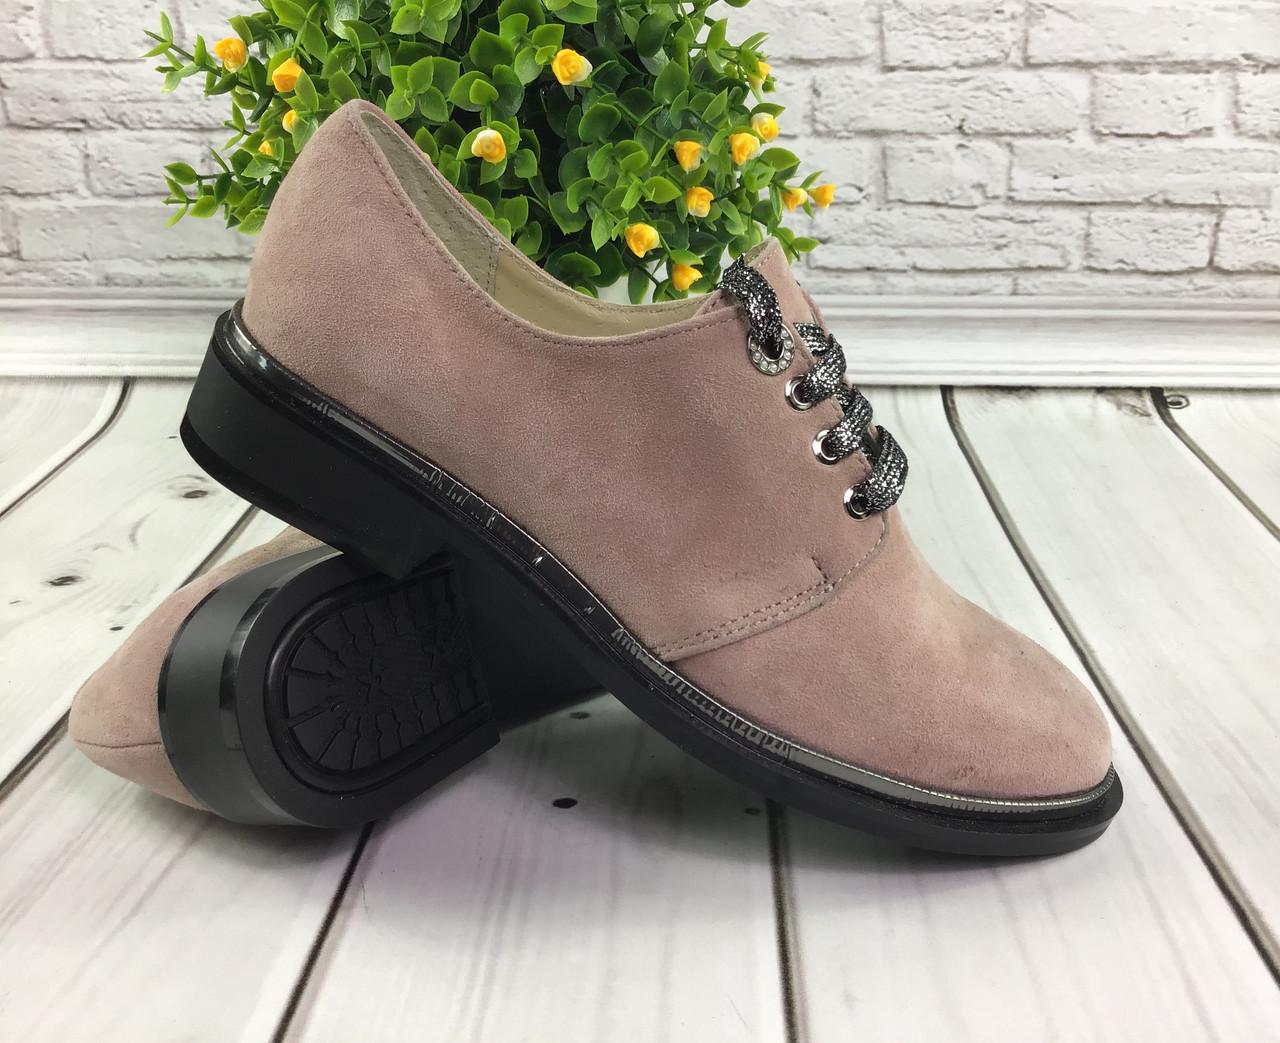 Жіночі туфлі без каблука на шнурівці з натуральної замші колір пудра.